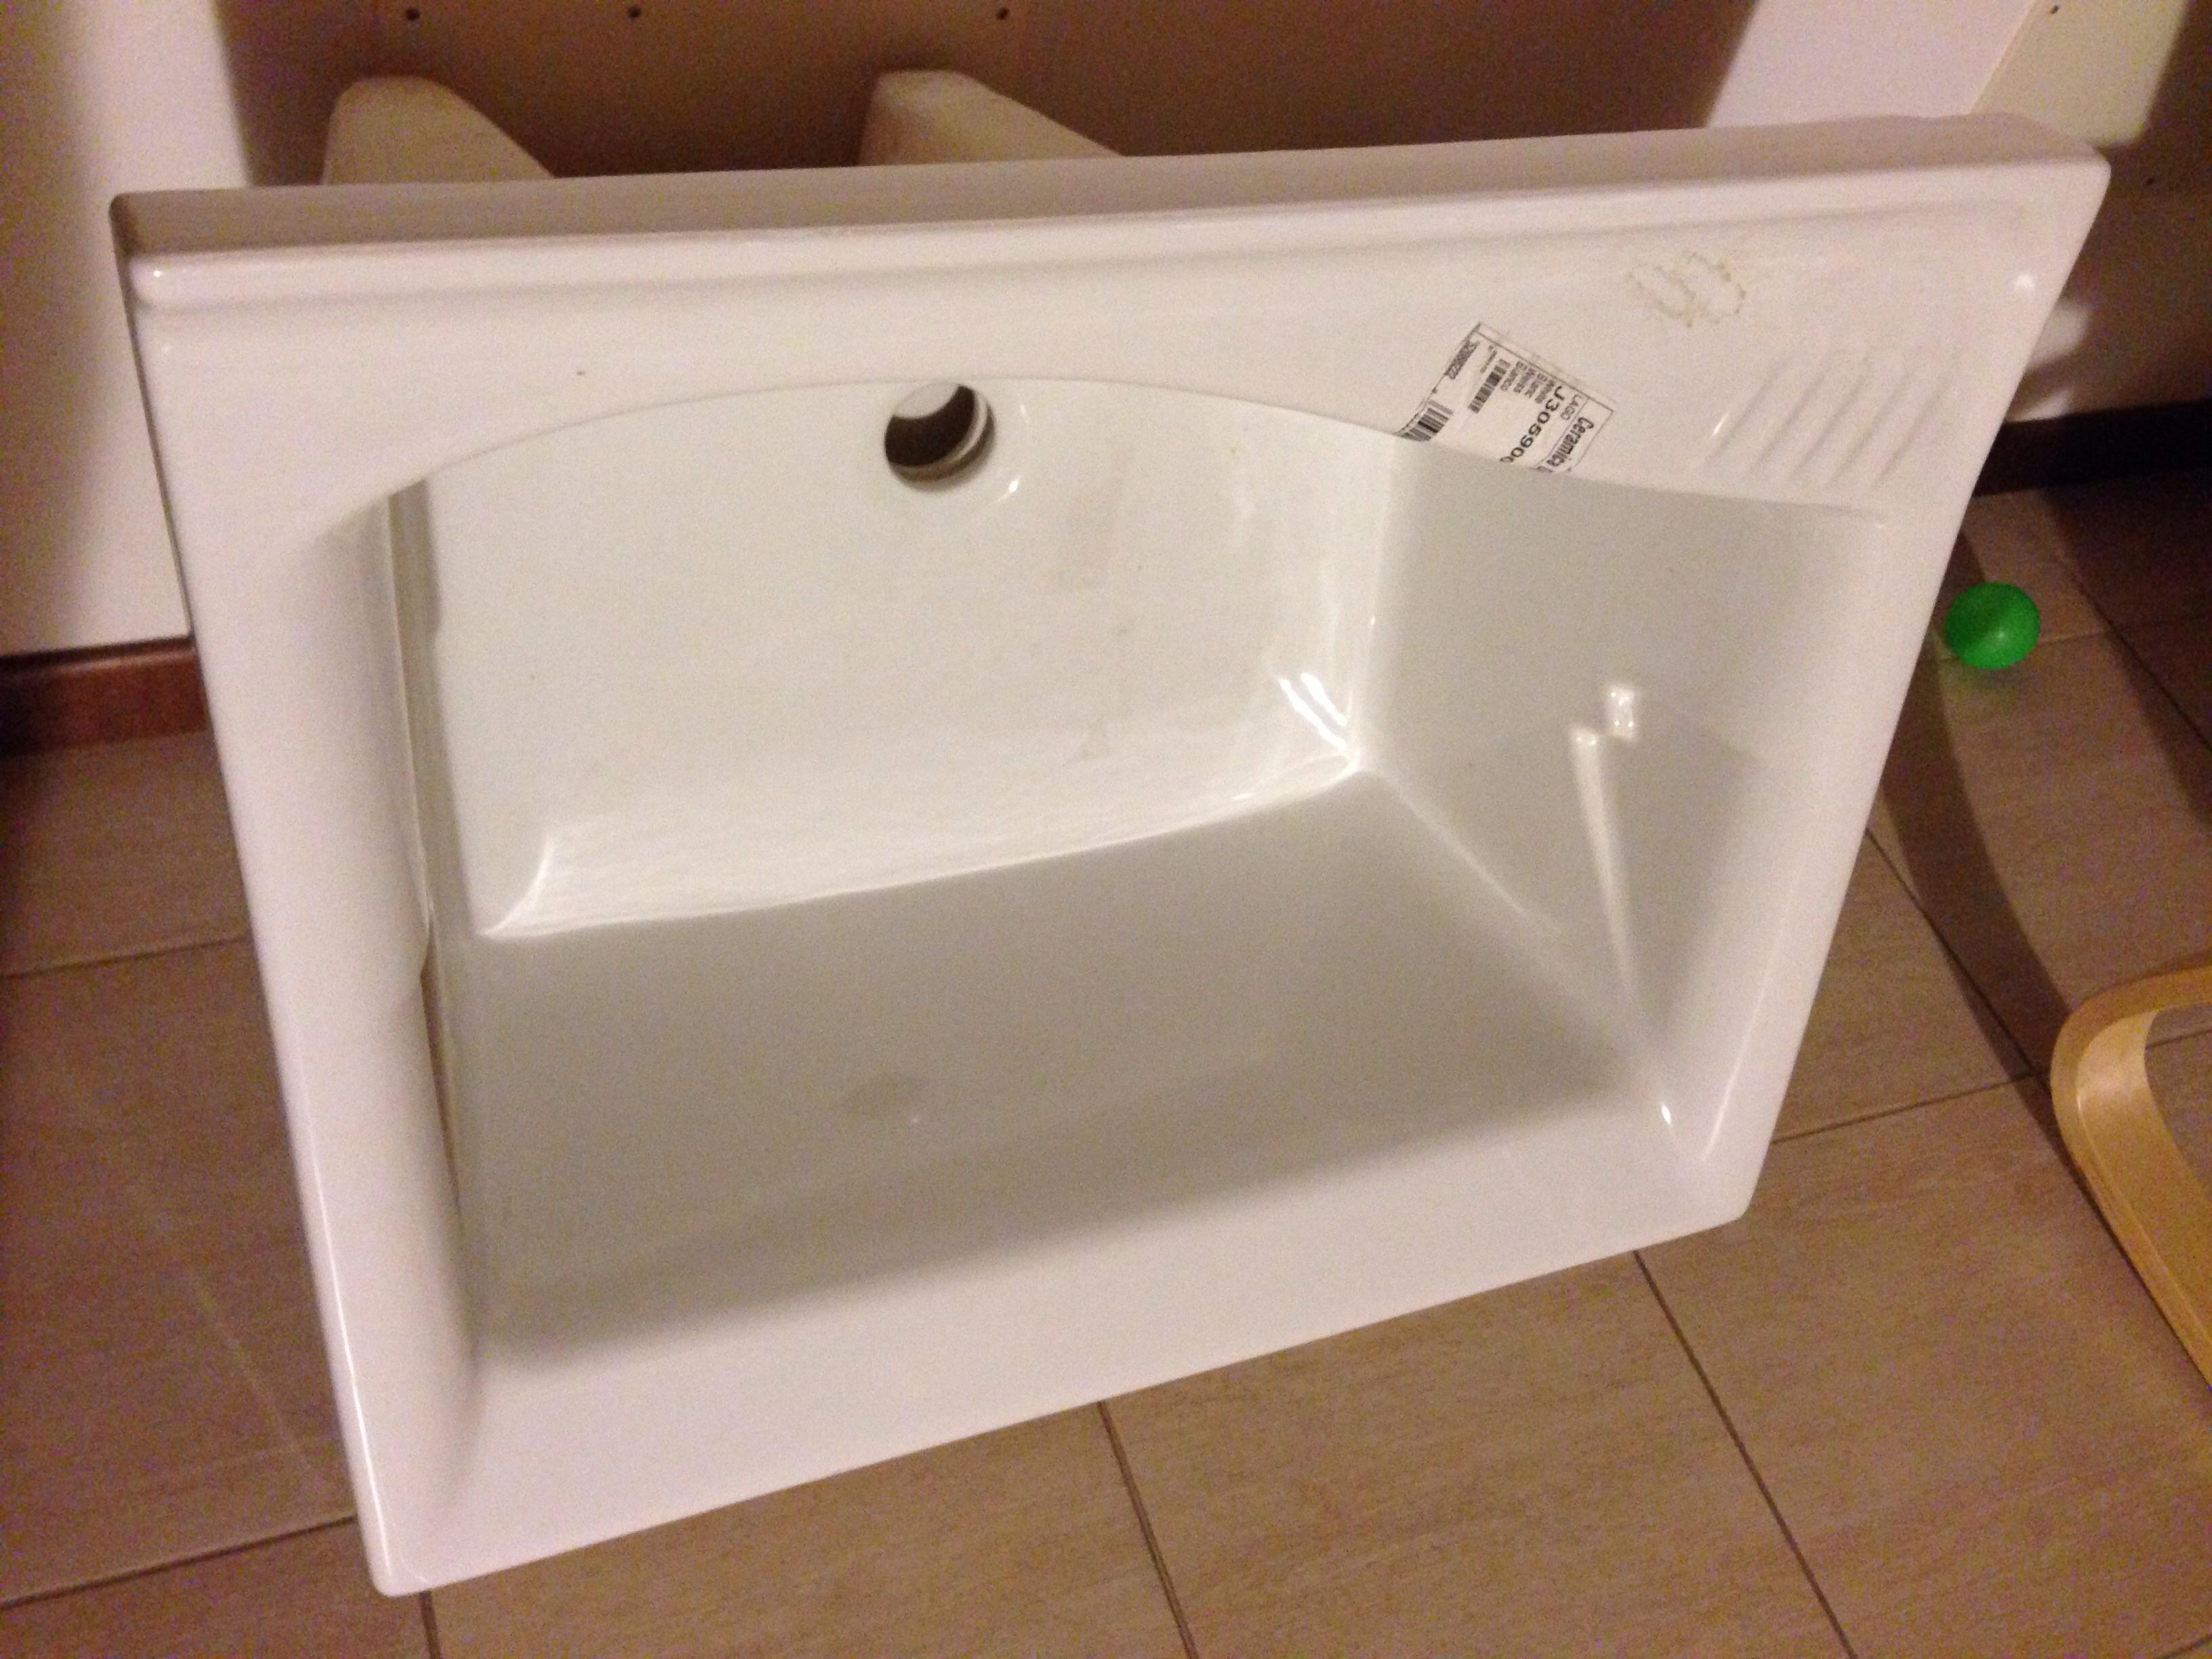 Predisposizione foto su lavatoio dolomite lago pagina 1 - Lavatoio con mobile ikea ...